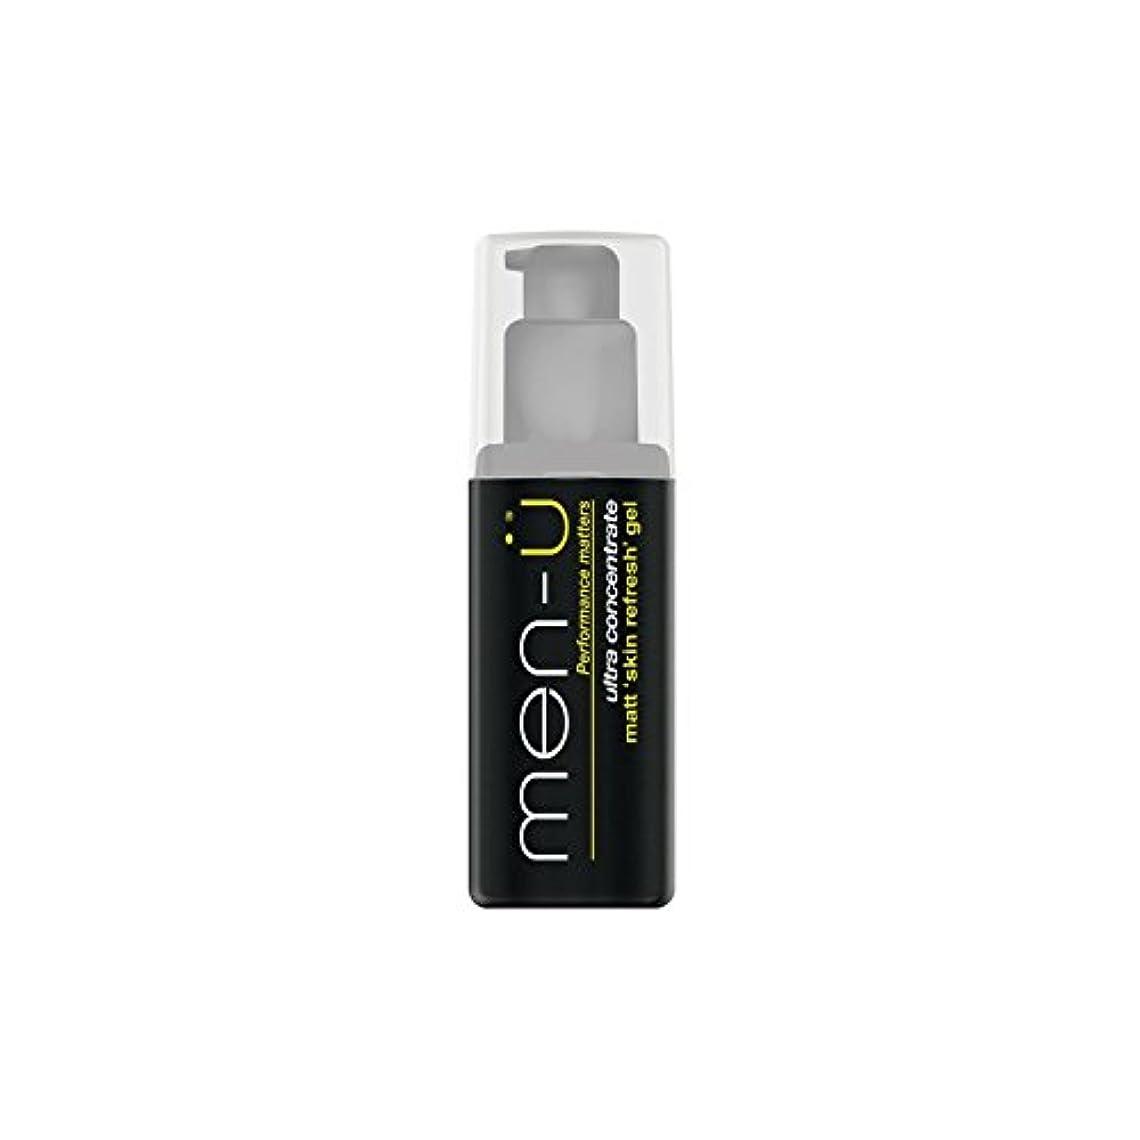 うめき印象倍率Men-? Matt Skin Refresh Gel (100ml) (Pack of 6) - 男性-?マット肌のリフレッシュジェル(100)に x6 [並行輸入品]